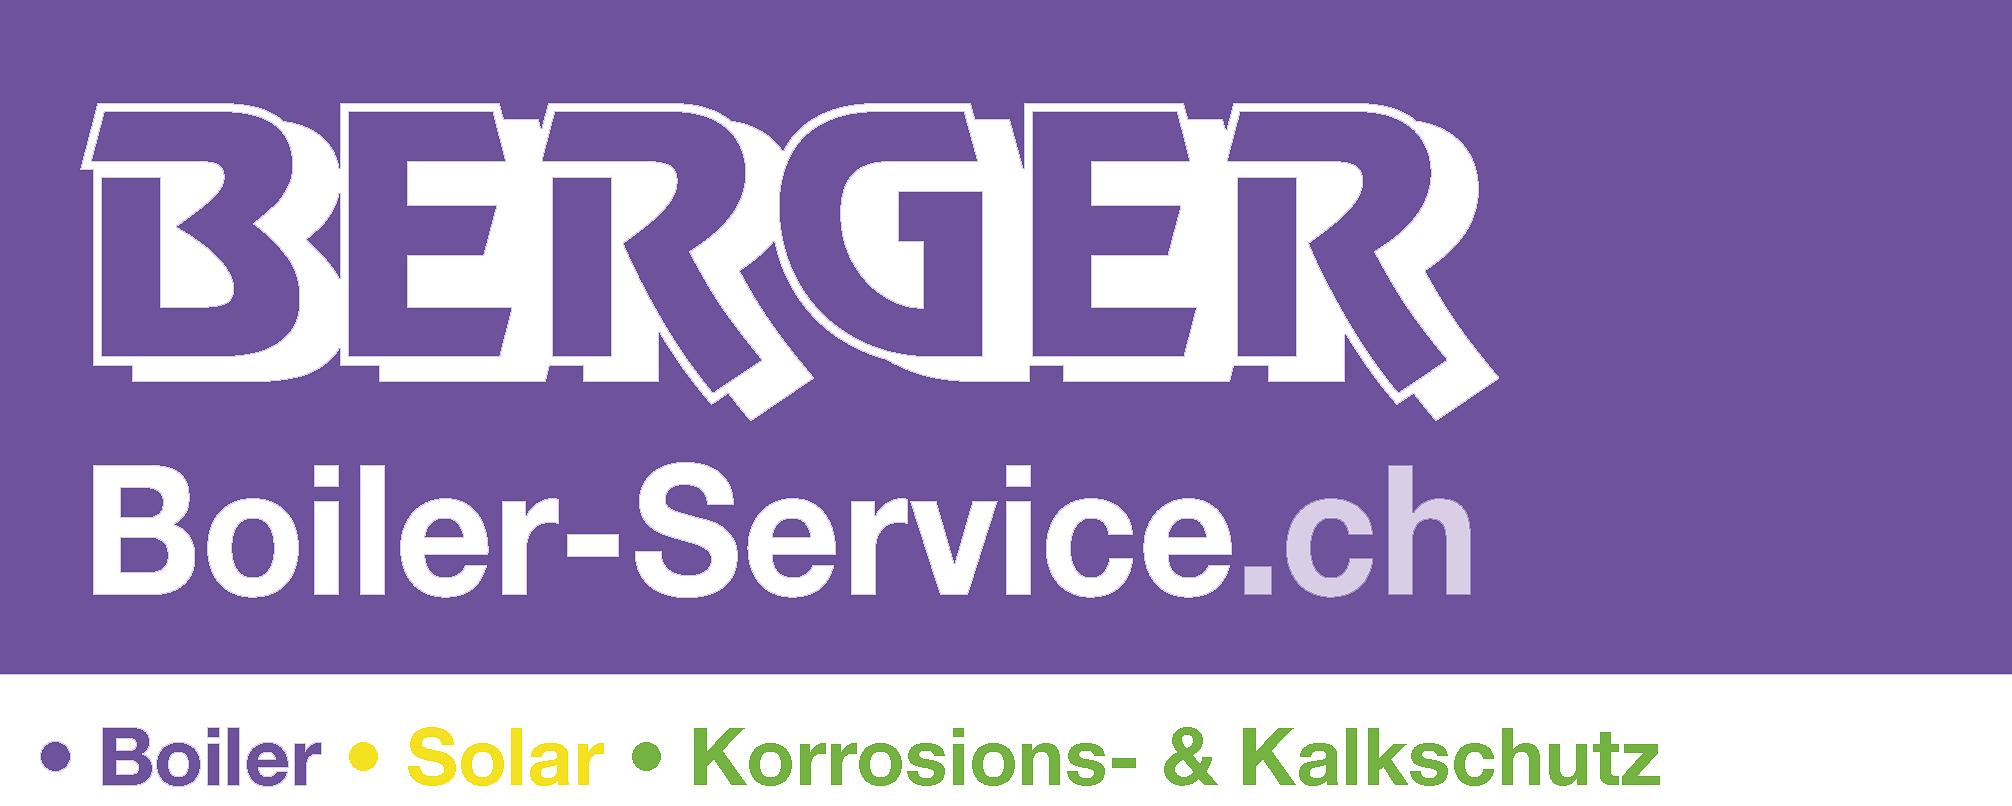 Berger Boiler-Service AG